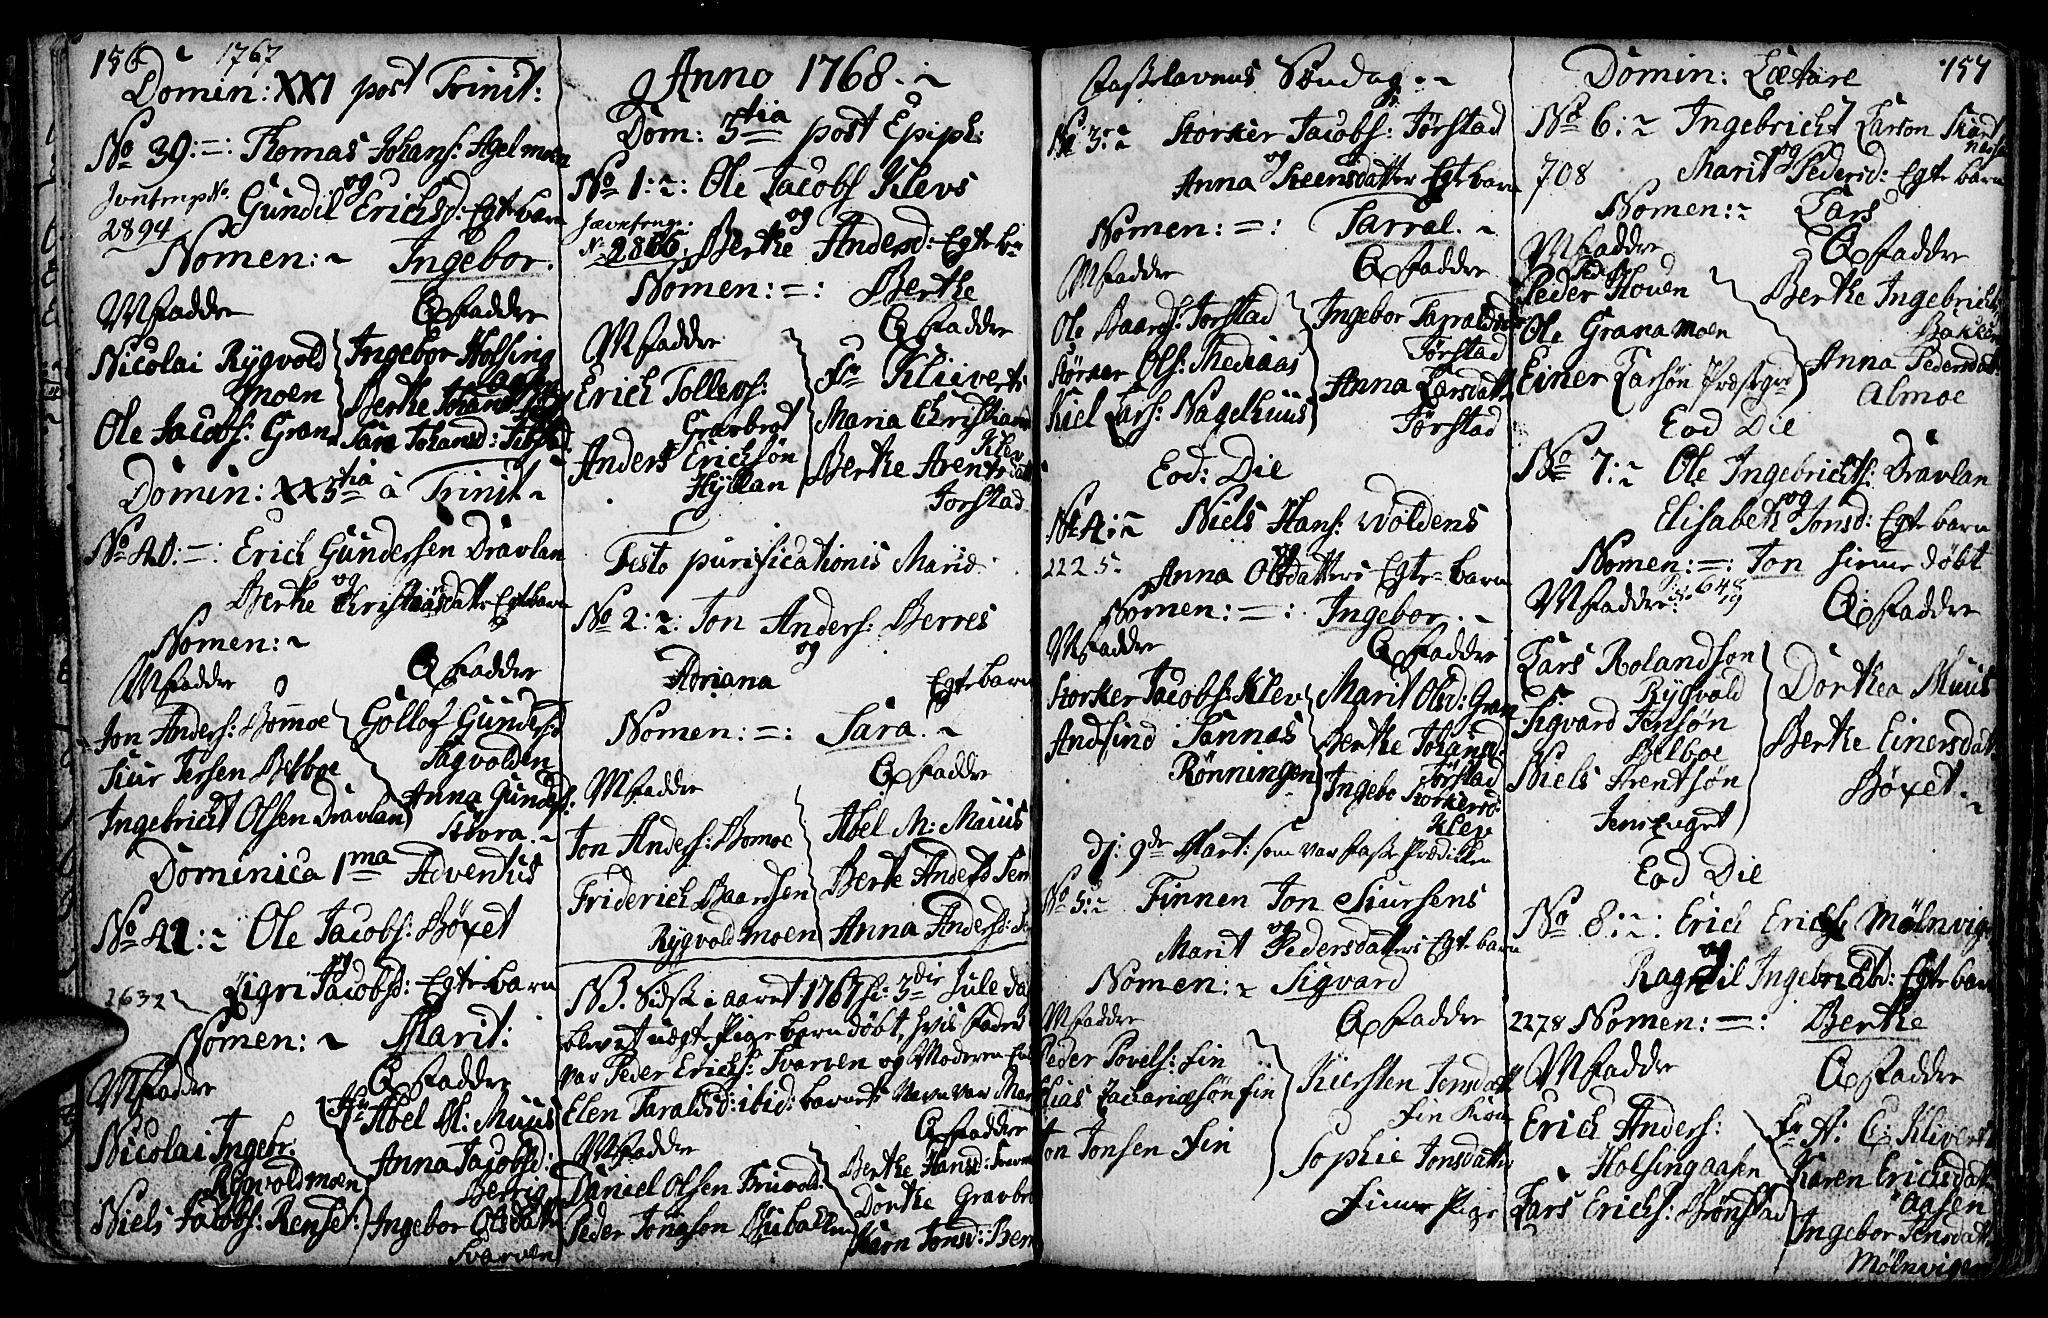 SAT, Ministerialprotokoller, klokkerbøker og fødselsregistre - Nord-Trøndelag, 749/L0467: Ministerialbok nr. 749A01, 1733-1787, s. 156-157